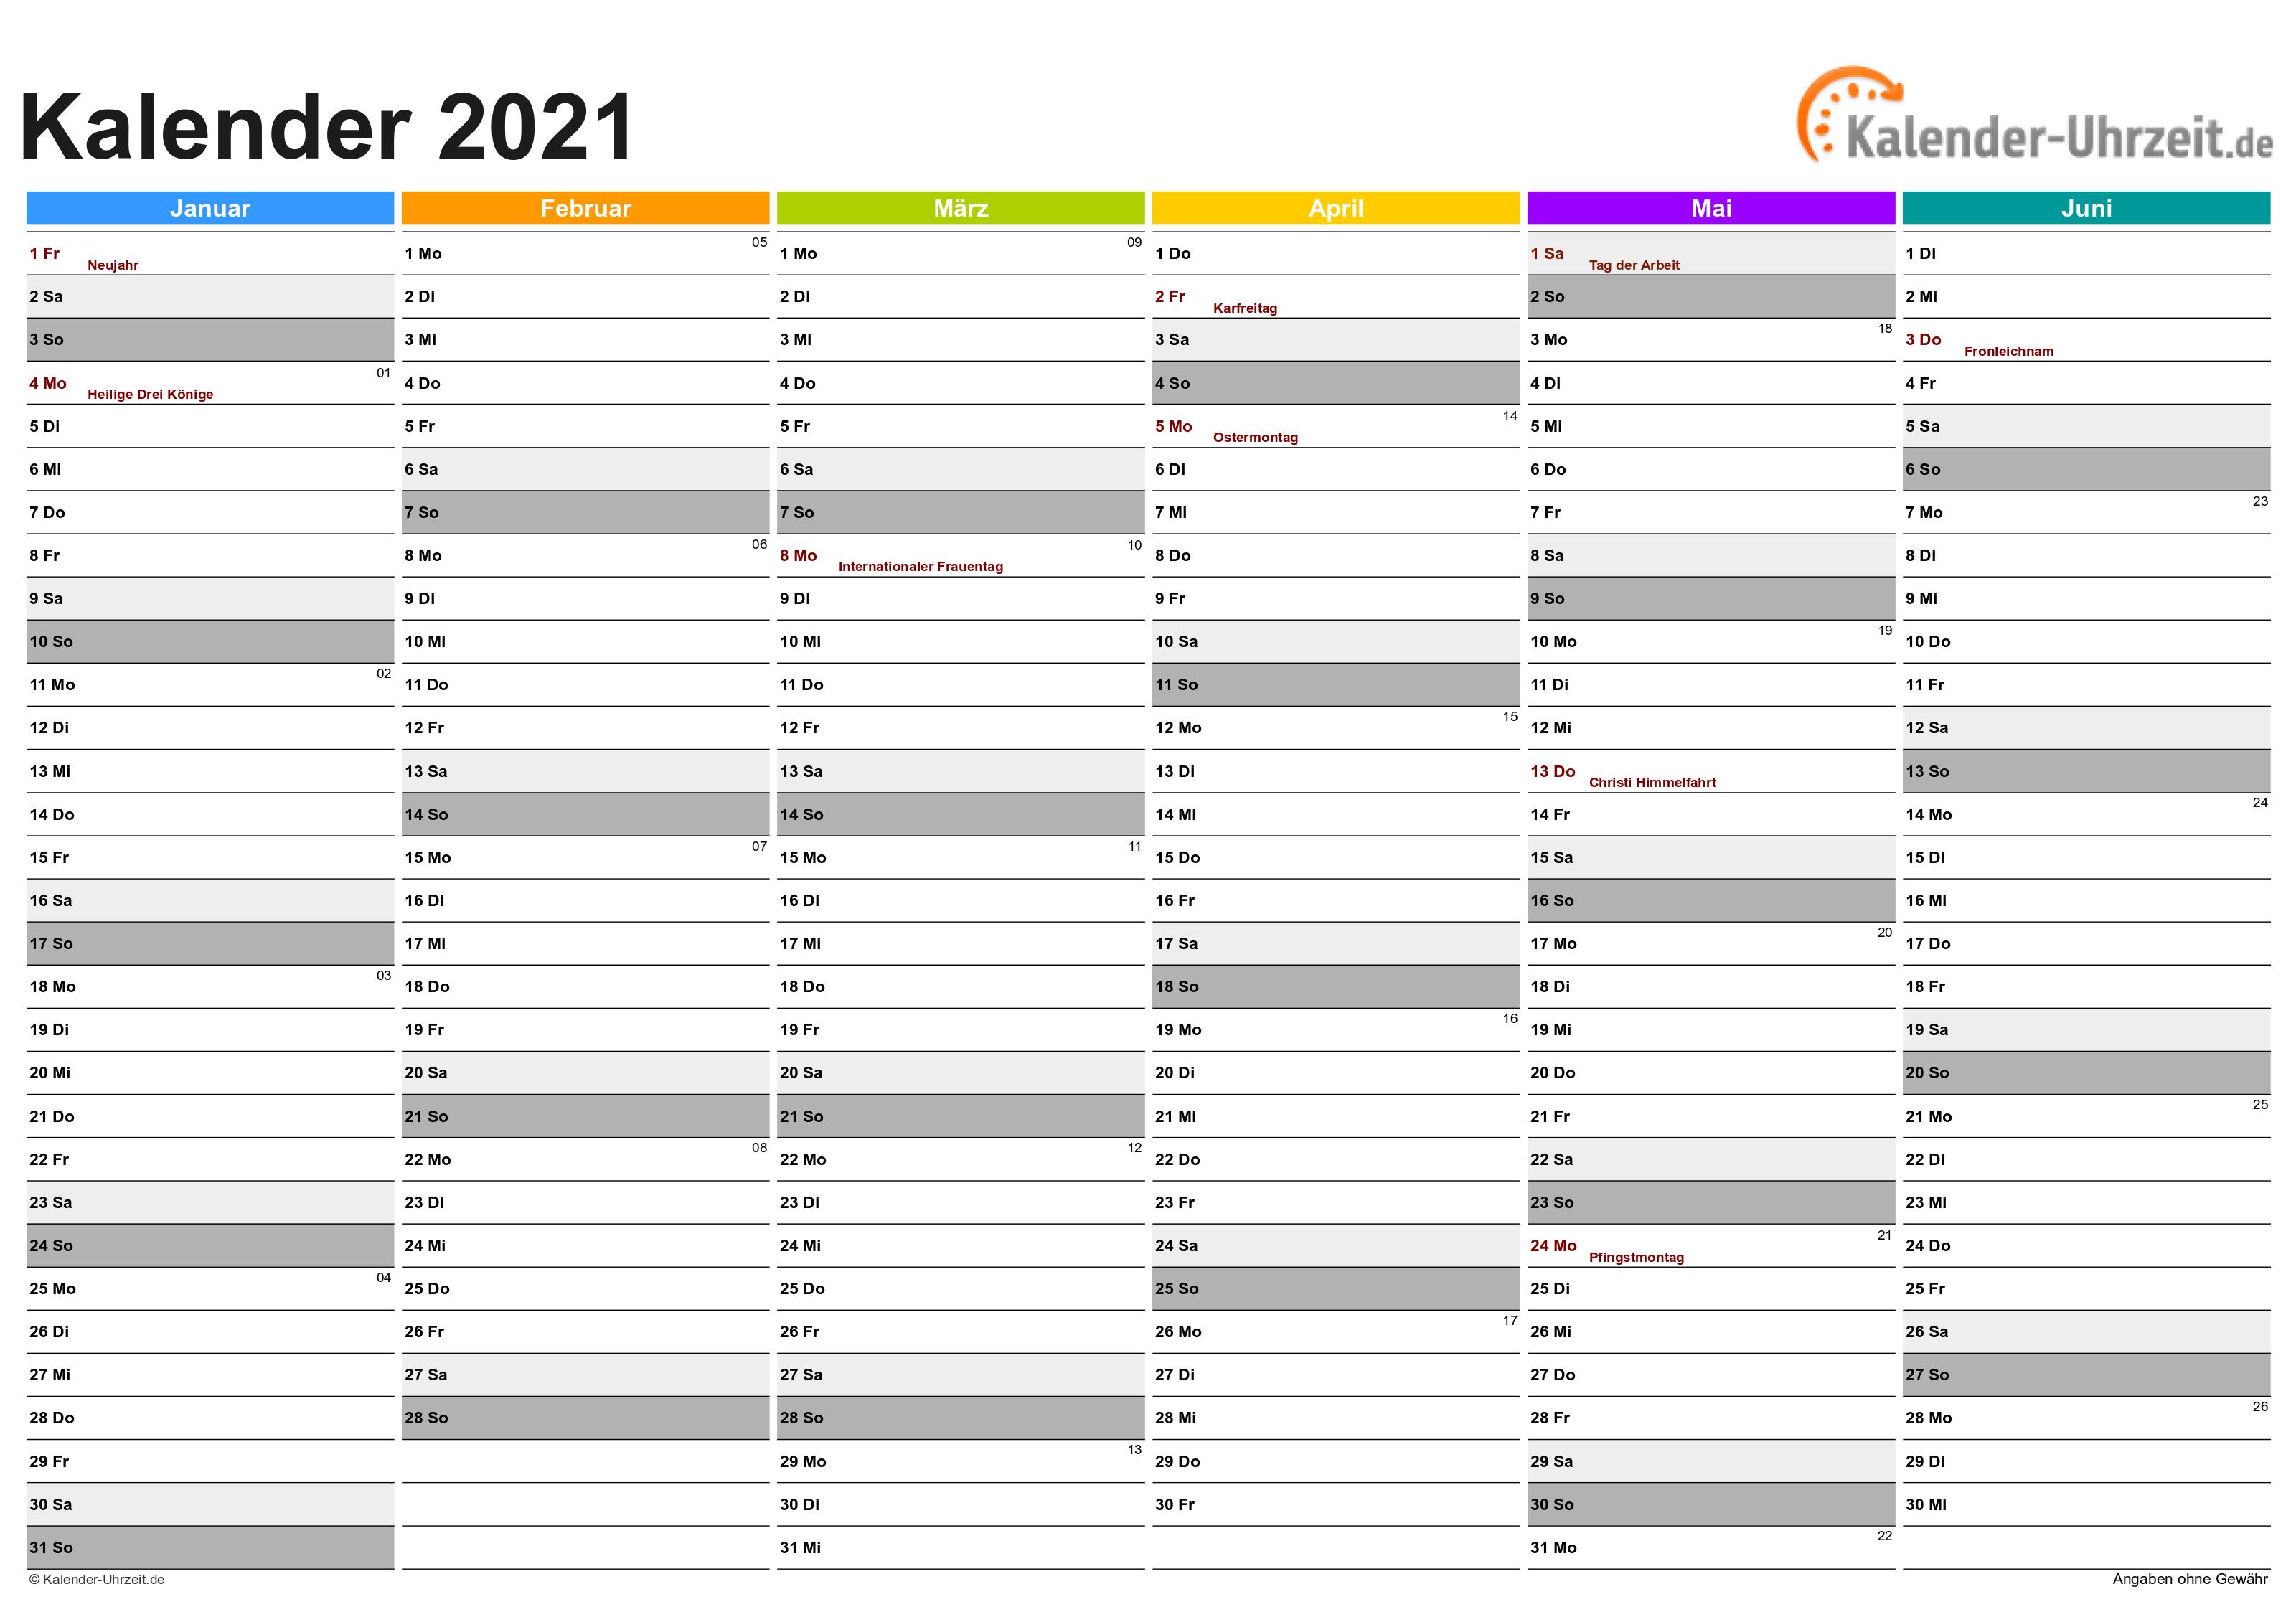 kalender 2021 a4 zum ausdrucken  ferien schleswig